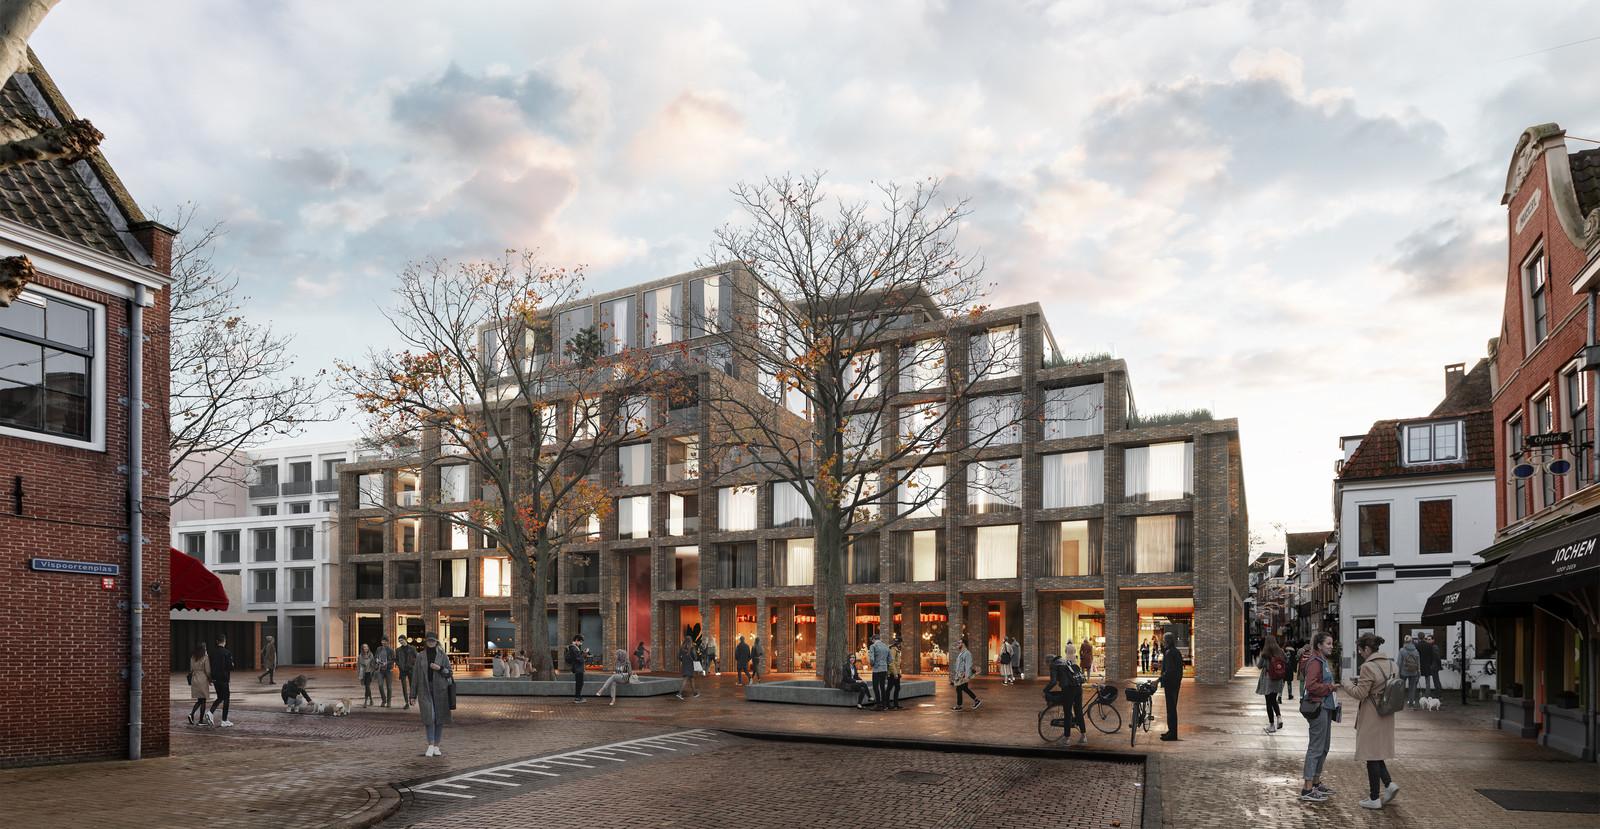 Impressies van Het Handelshuys in Zwolle, de nieuwbouw die op de plek van de vroegere V&D en Hudson's Bay komt. In de plint komen 'weinig winkels' want daar is wat minder behoefte aan, zegt de projectontwikkelaar.